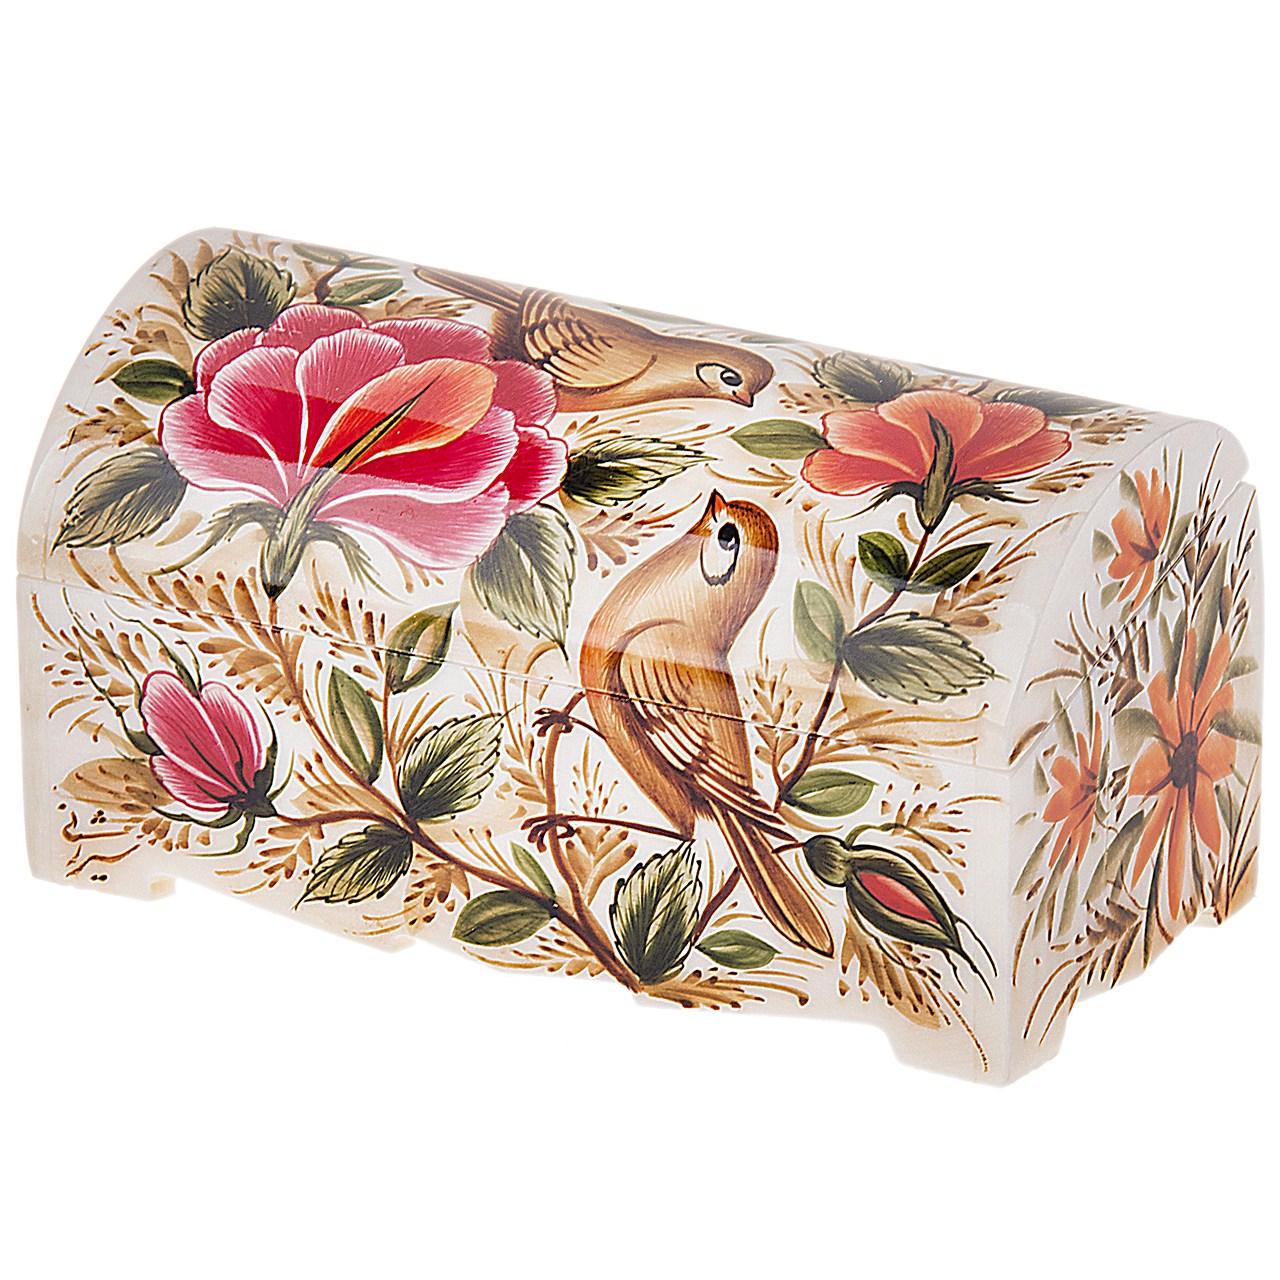 جعبه استخوانی طرح گل و مرغ 5